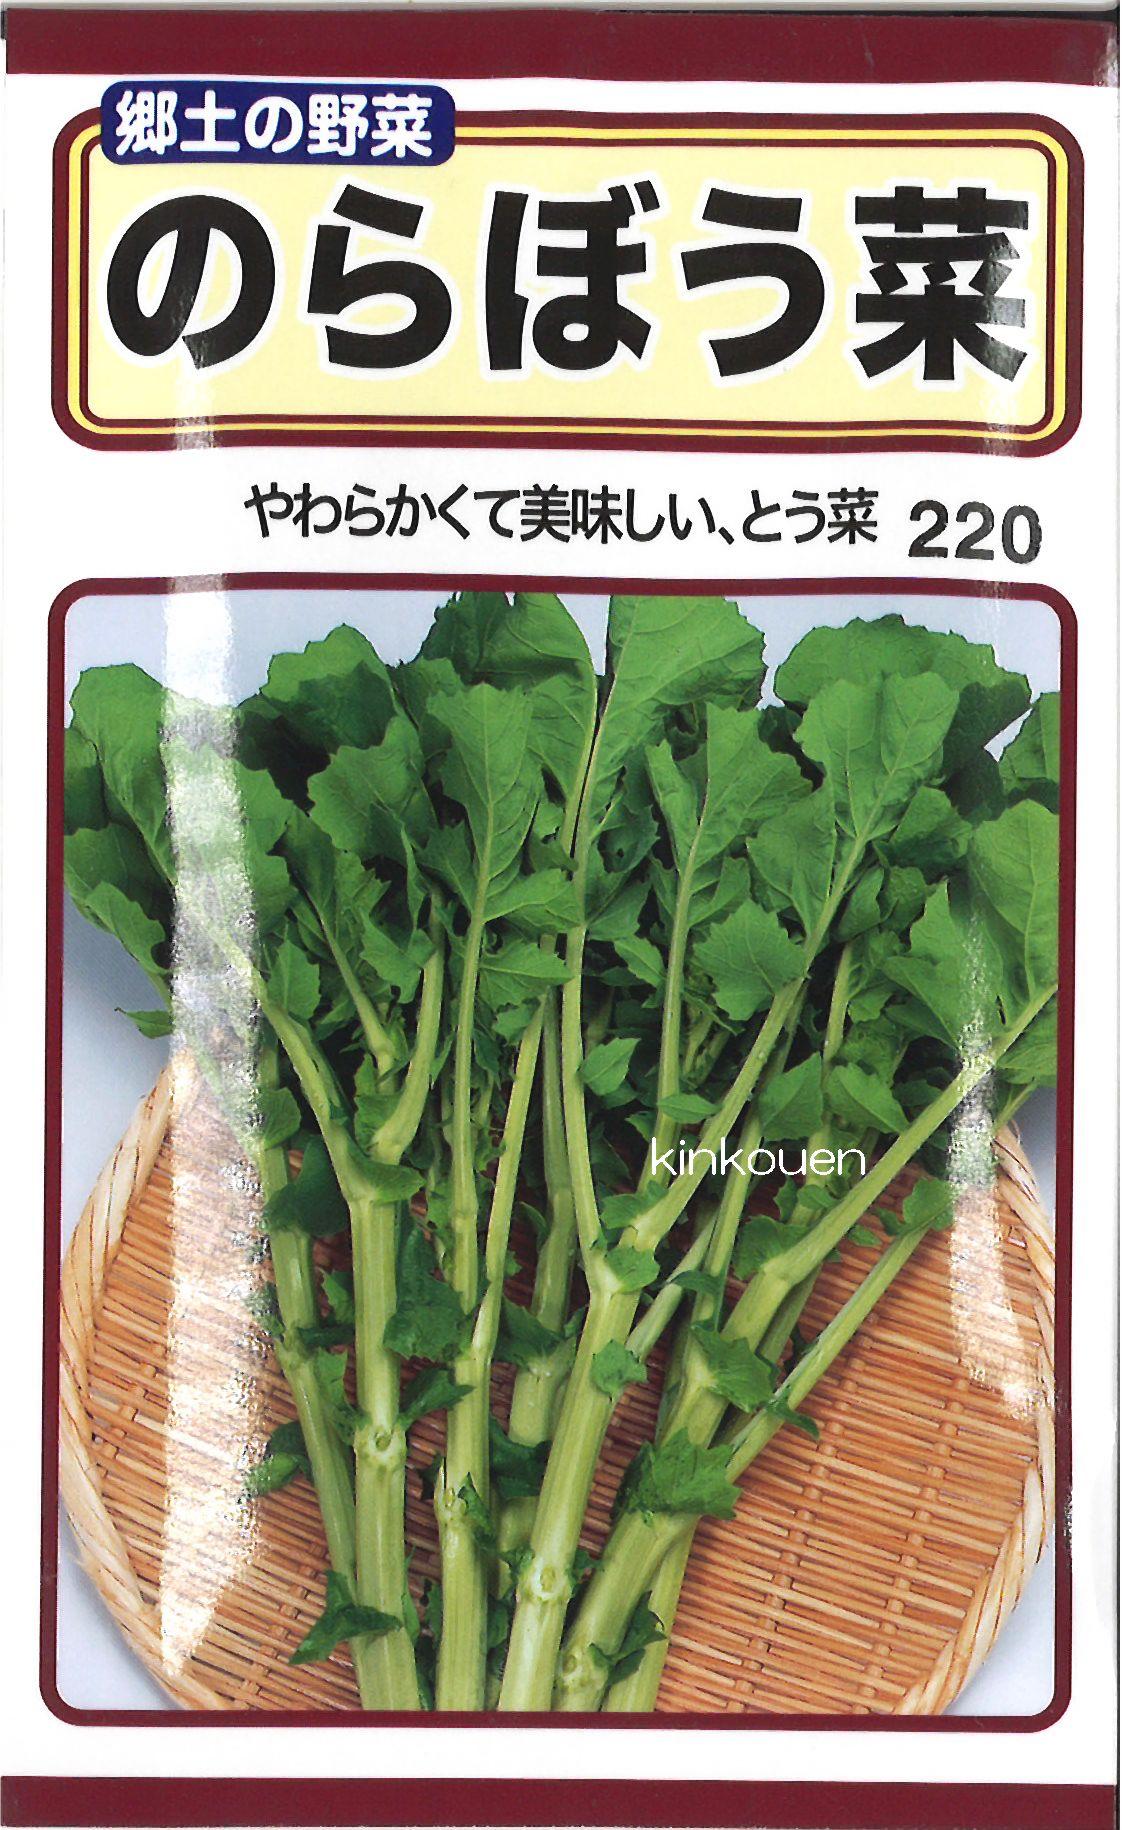 【代引不可】【5袋まで送料80円】□のらぼう菜